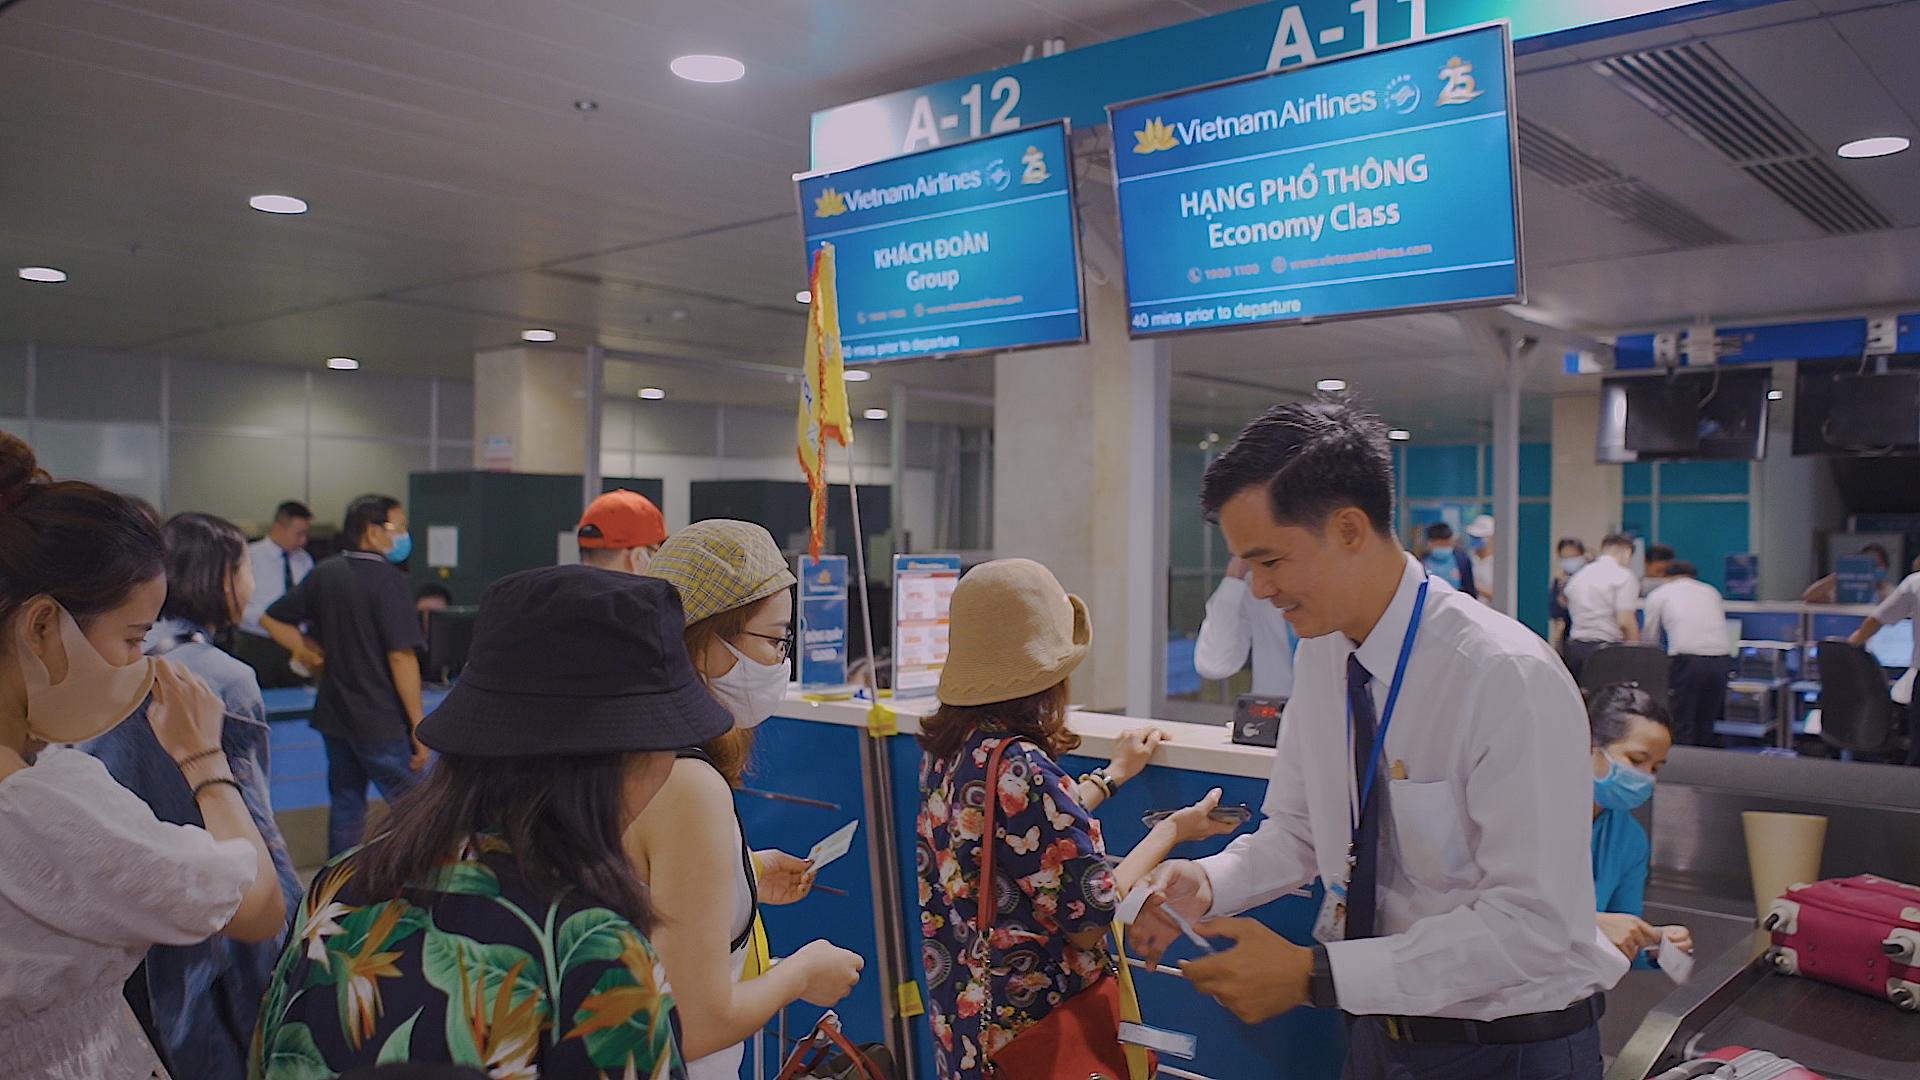 Các hãng hàng không xem xét mở lại đường bay thương mại